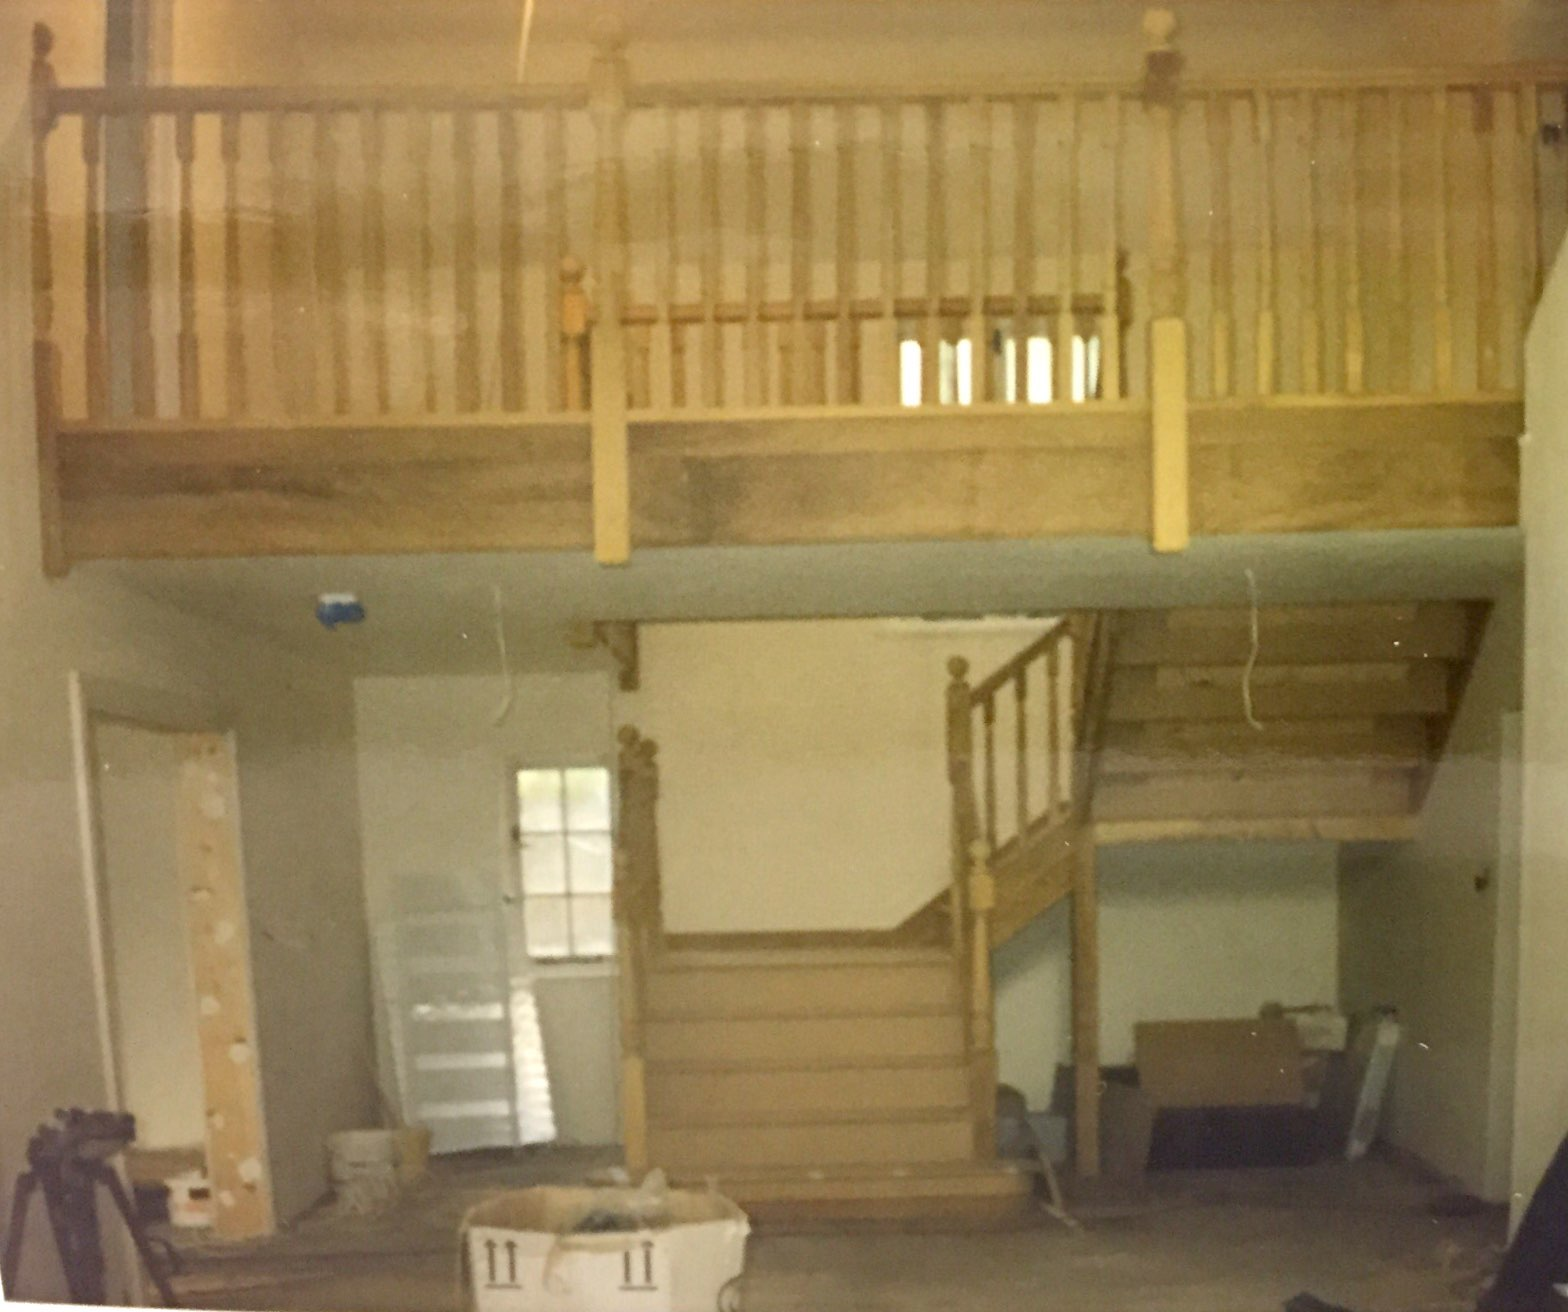 Feint staircase 1.jpg